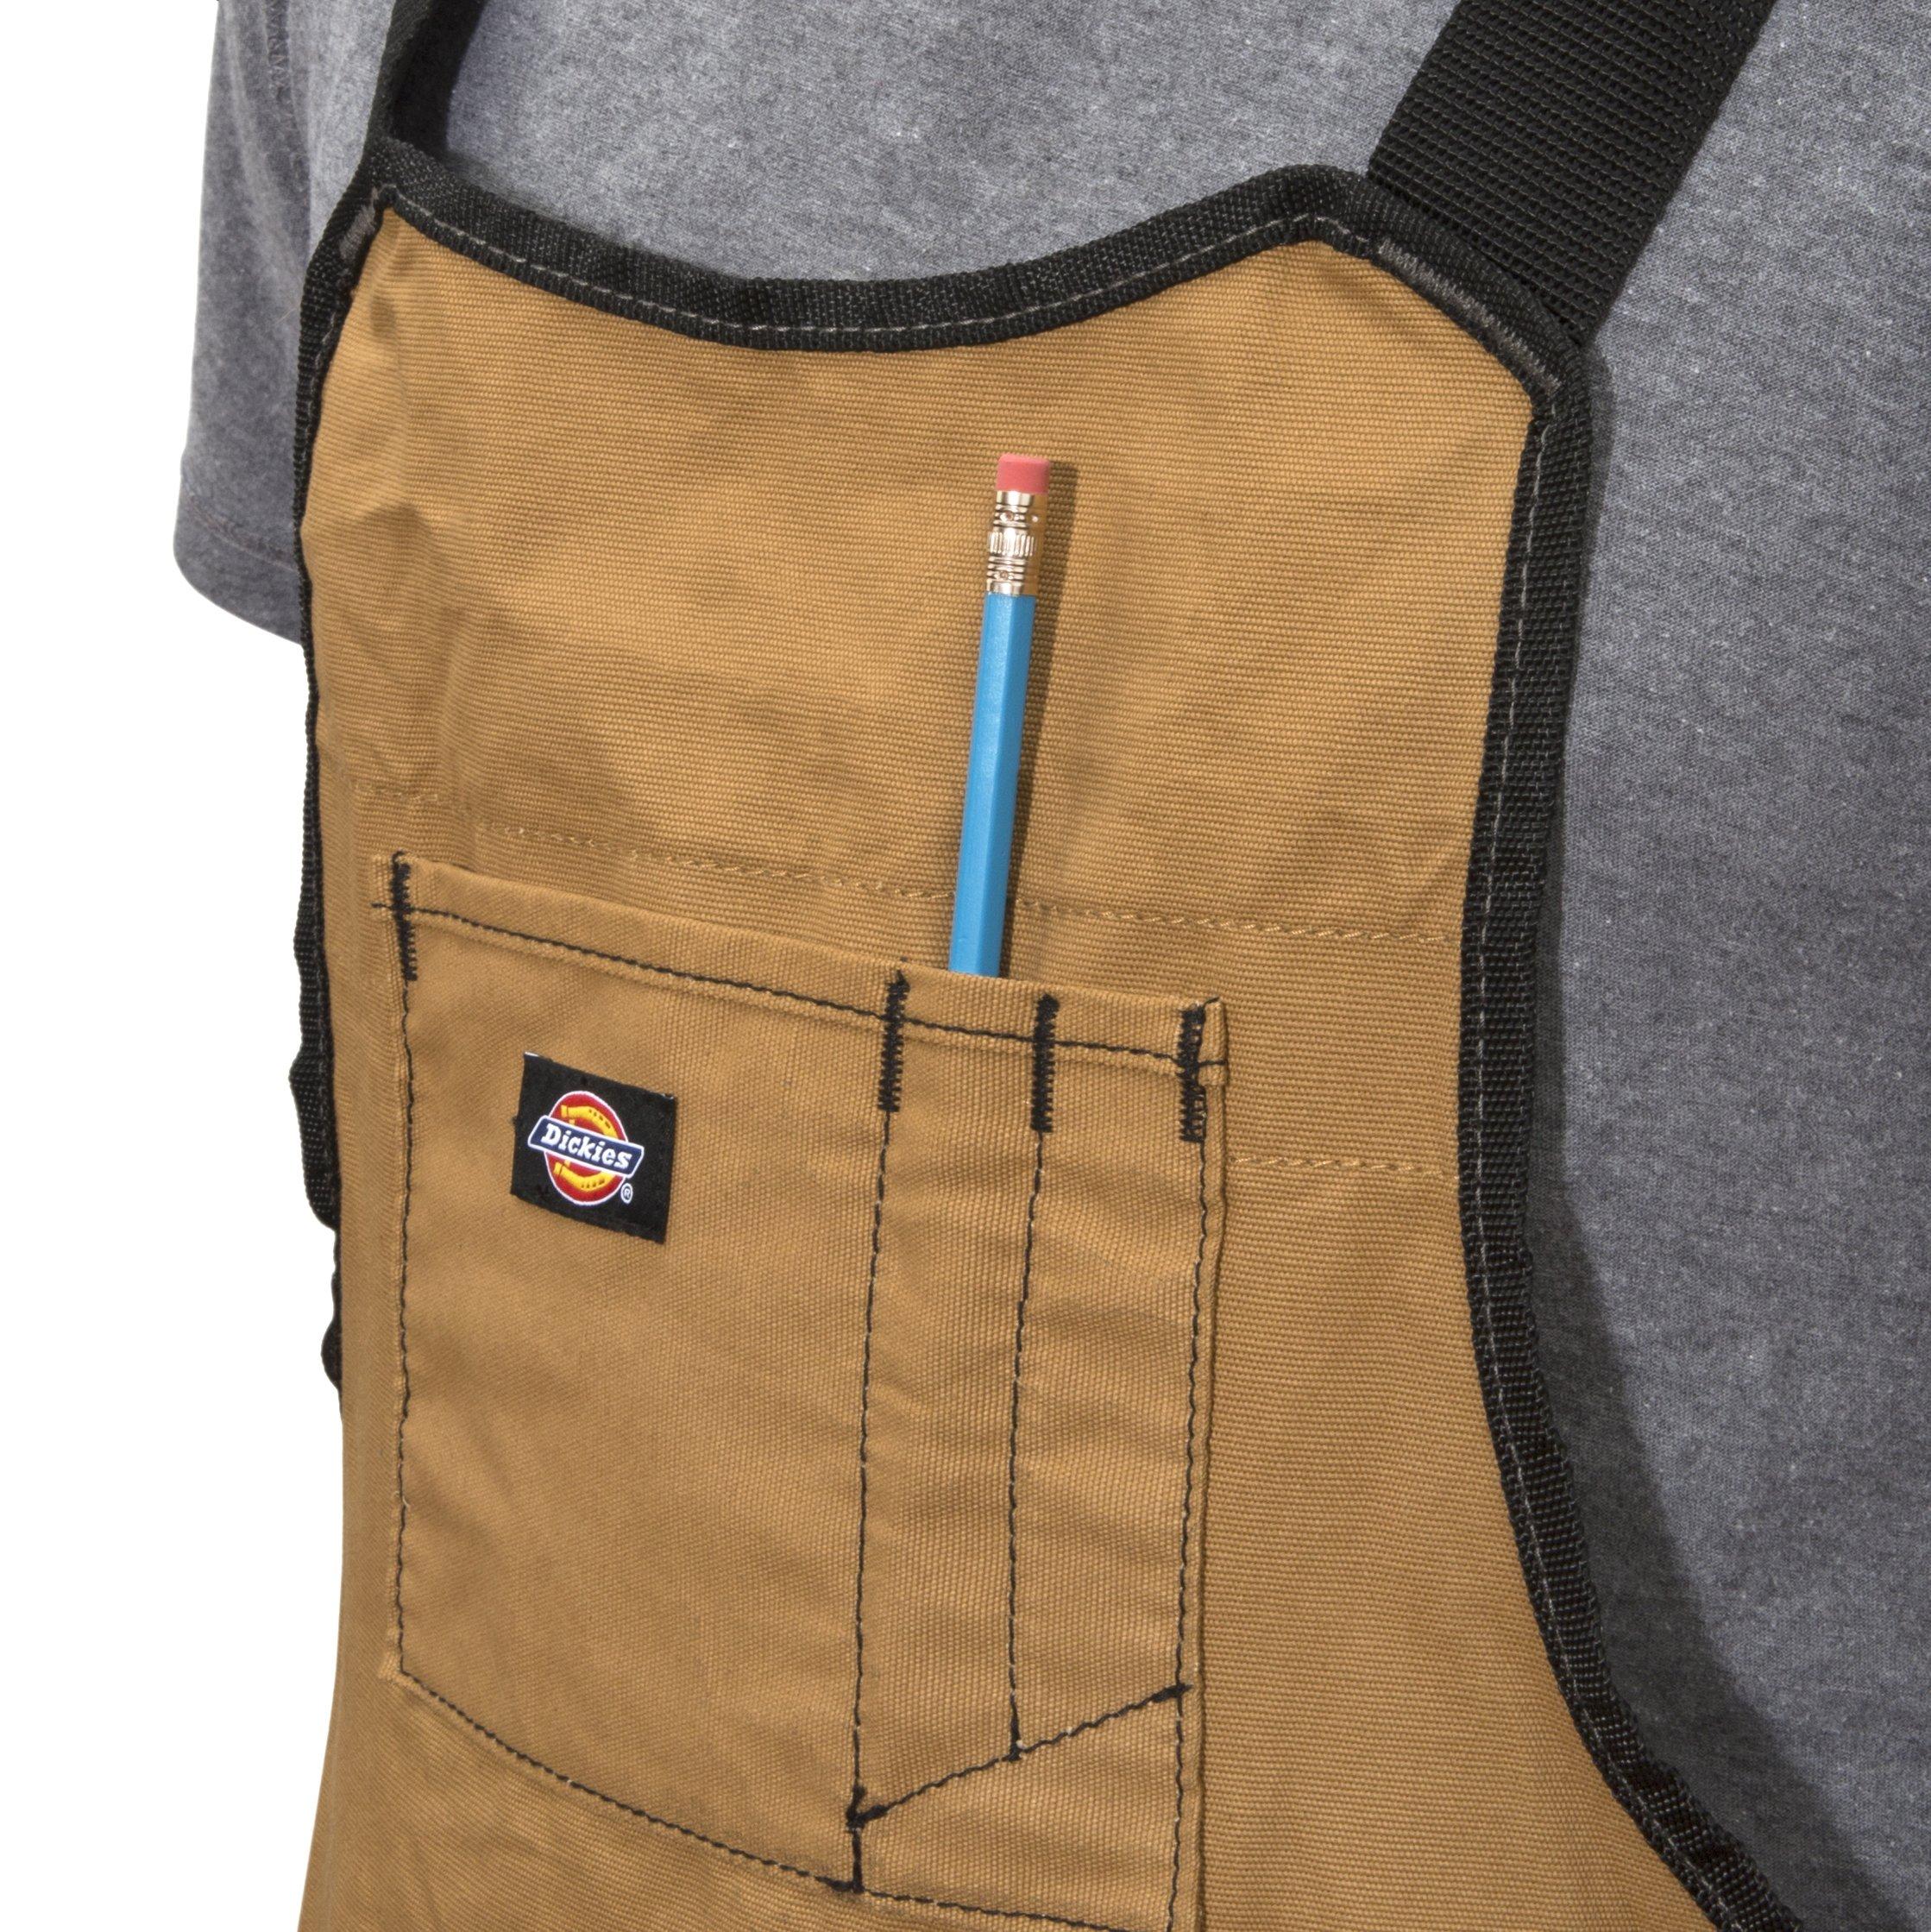 Dickies Work Gear 57027 Grey/Tan 16-Pocket Bib Apron by Dickies Work Gear (Image #3)